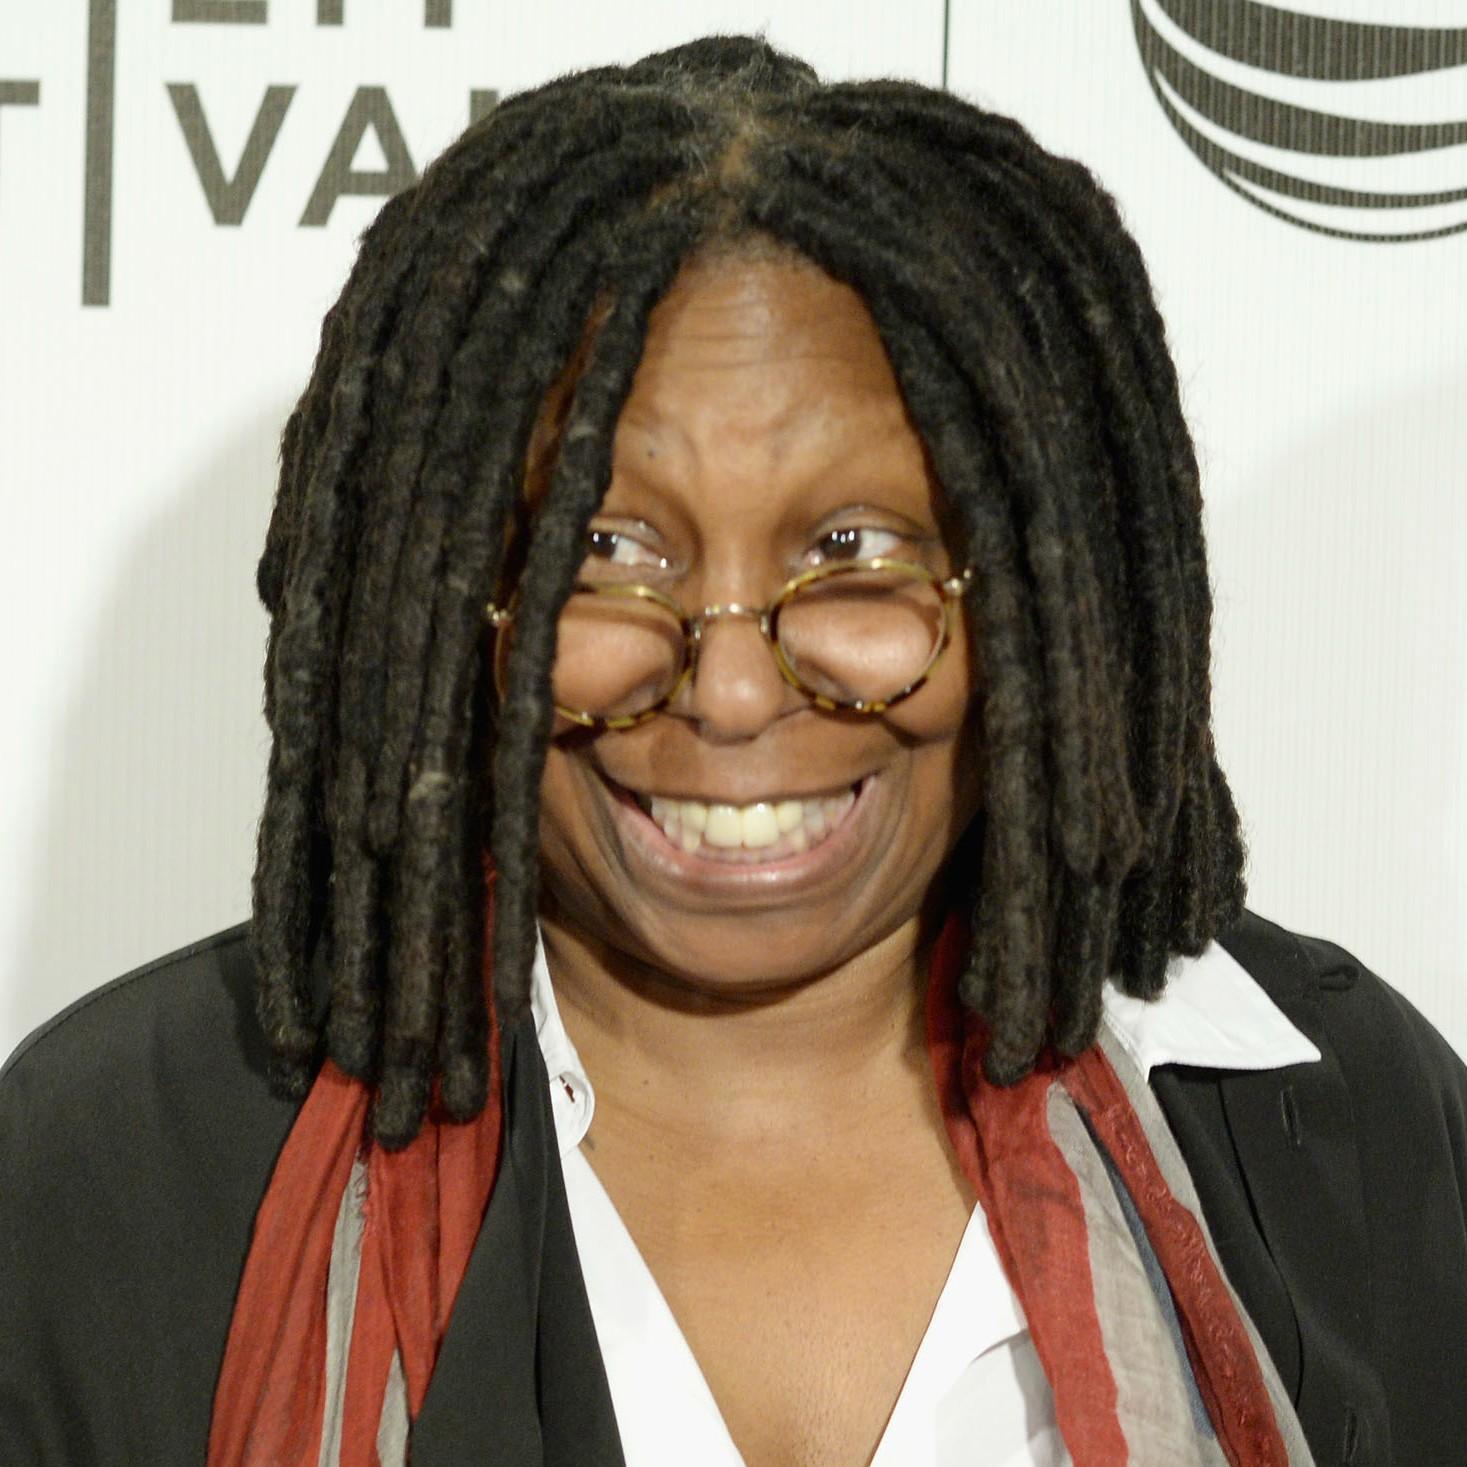 Caryn Elaine Johnson, mais conhecida como a atriz e apresentadora Whoopi Goldberg. (Foto: Getty Images)